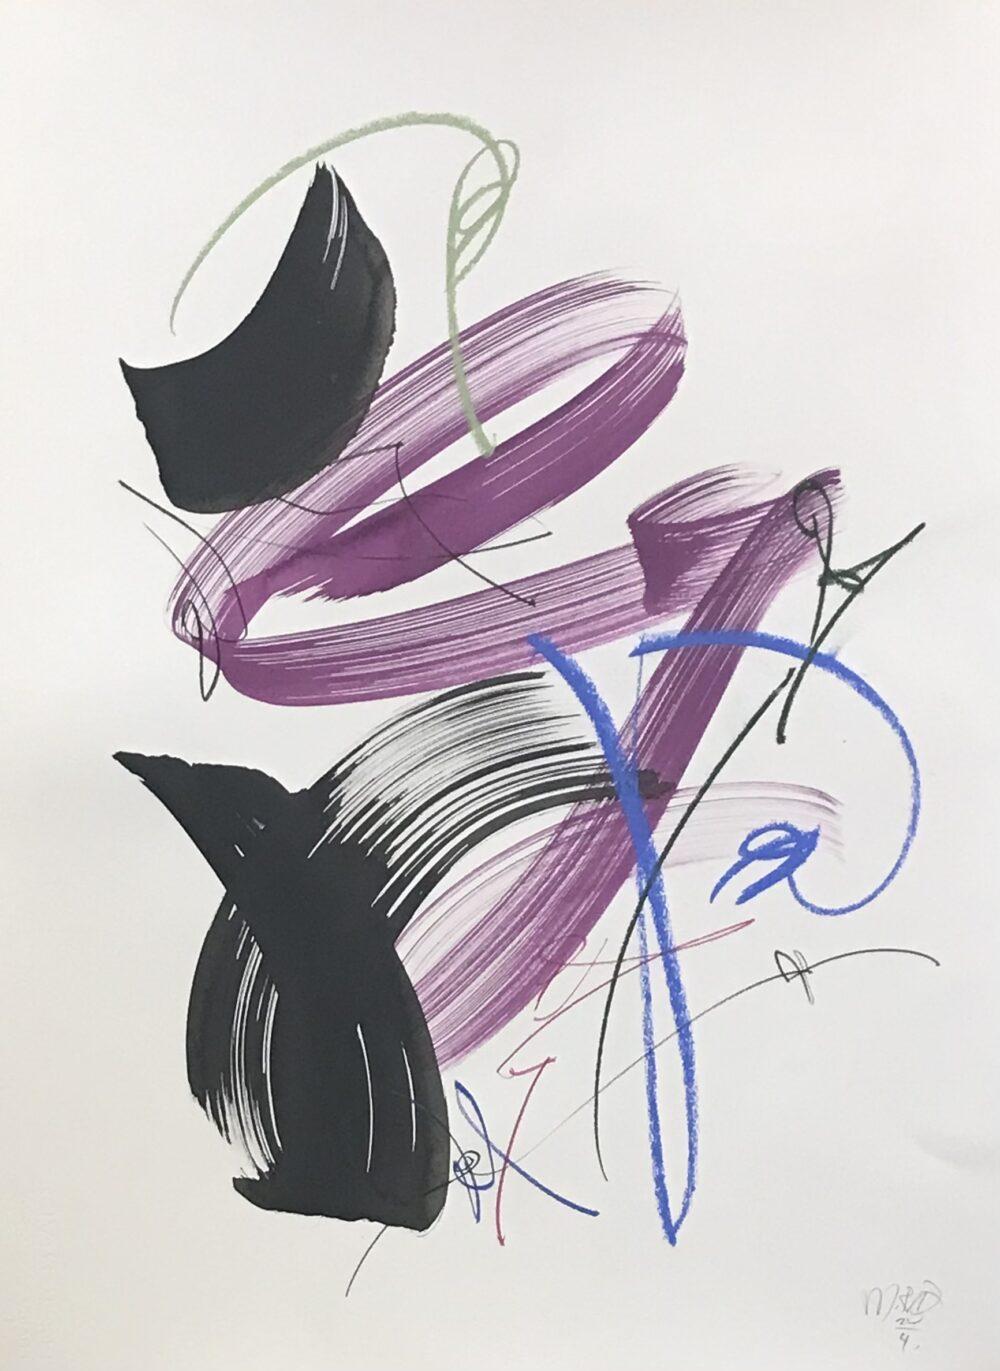 Mette Rix - arbejder på papir